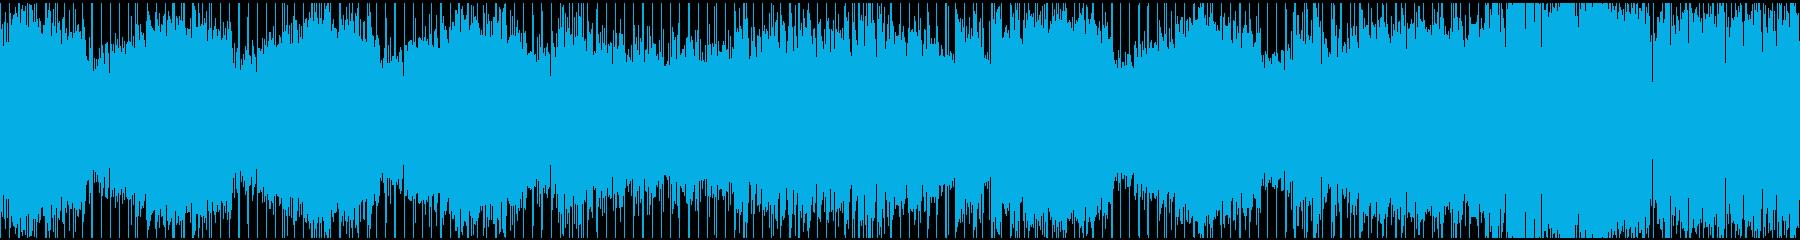 ノリの良いダンスロックチューン(ループ)の再生済みの波形